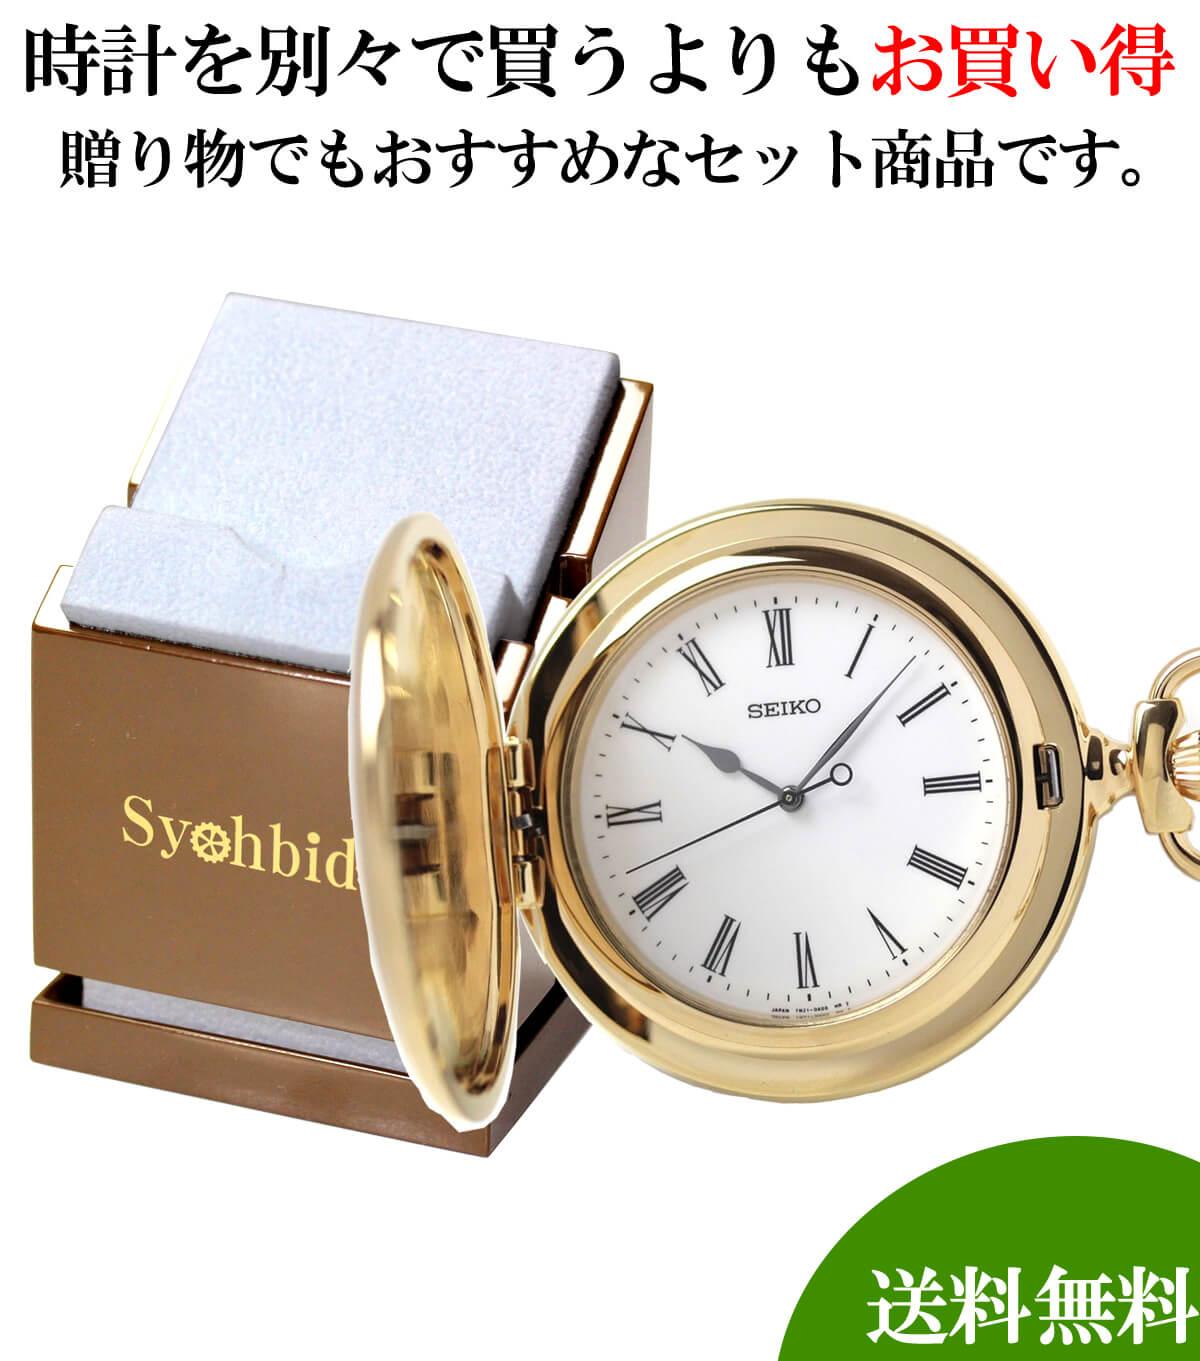 懐中時計と懐中時計専用スタンドのセット sapq004